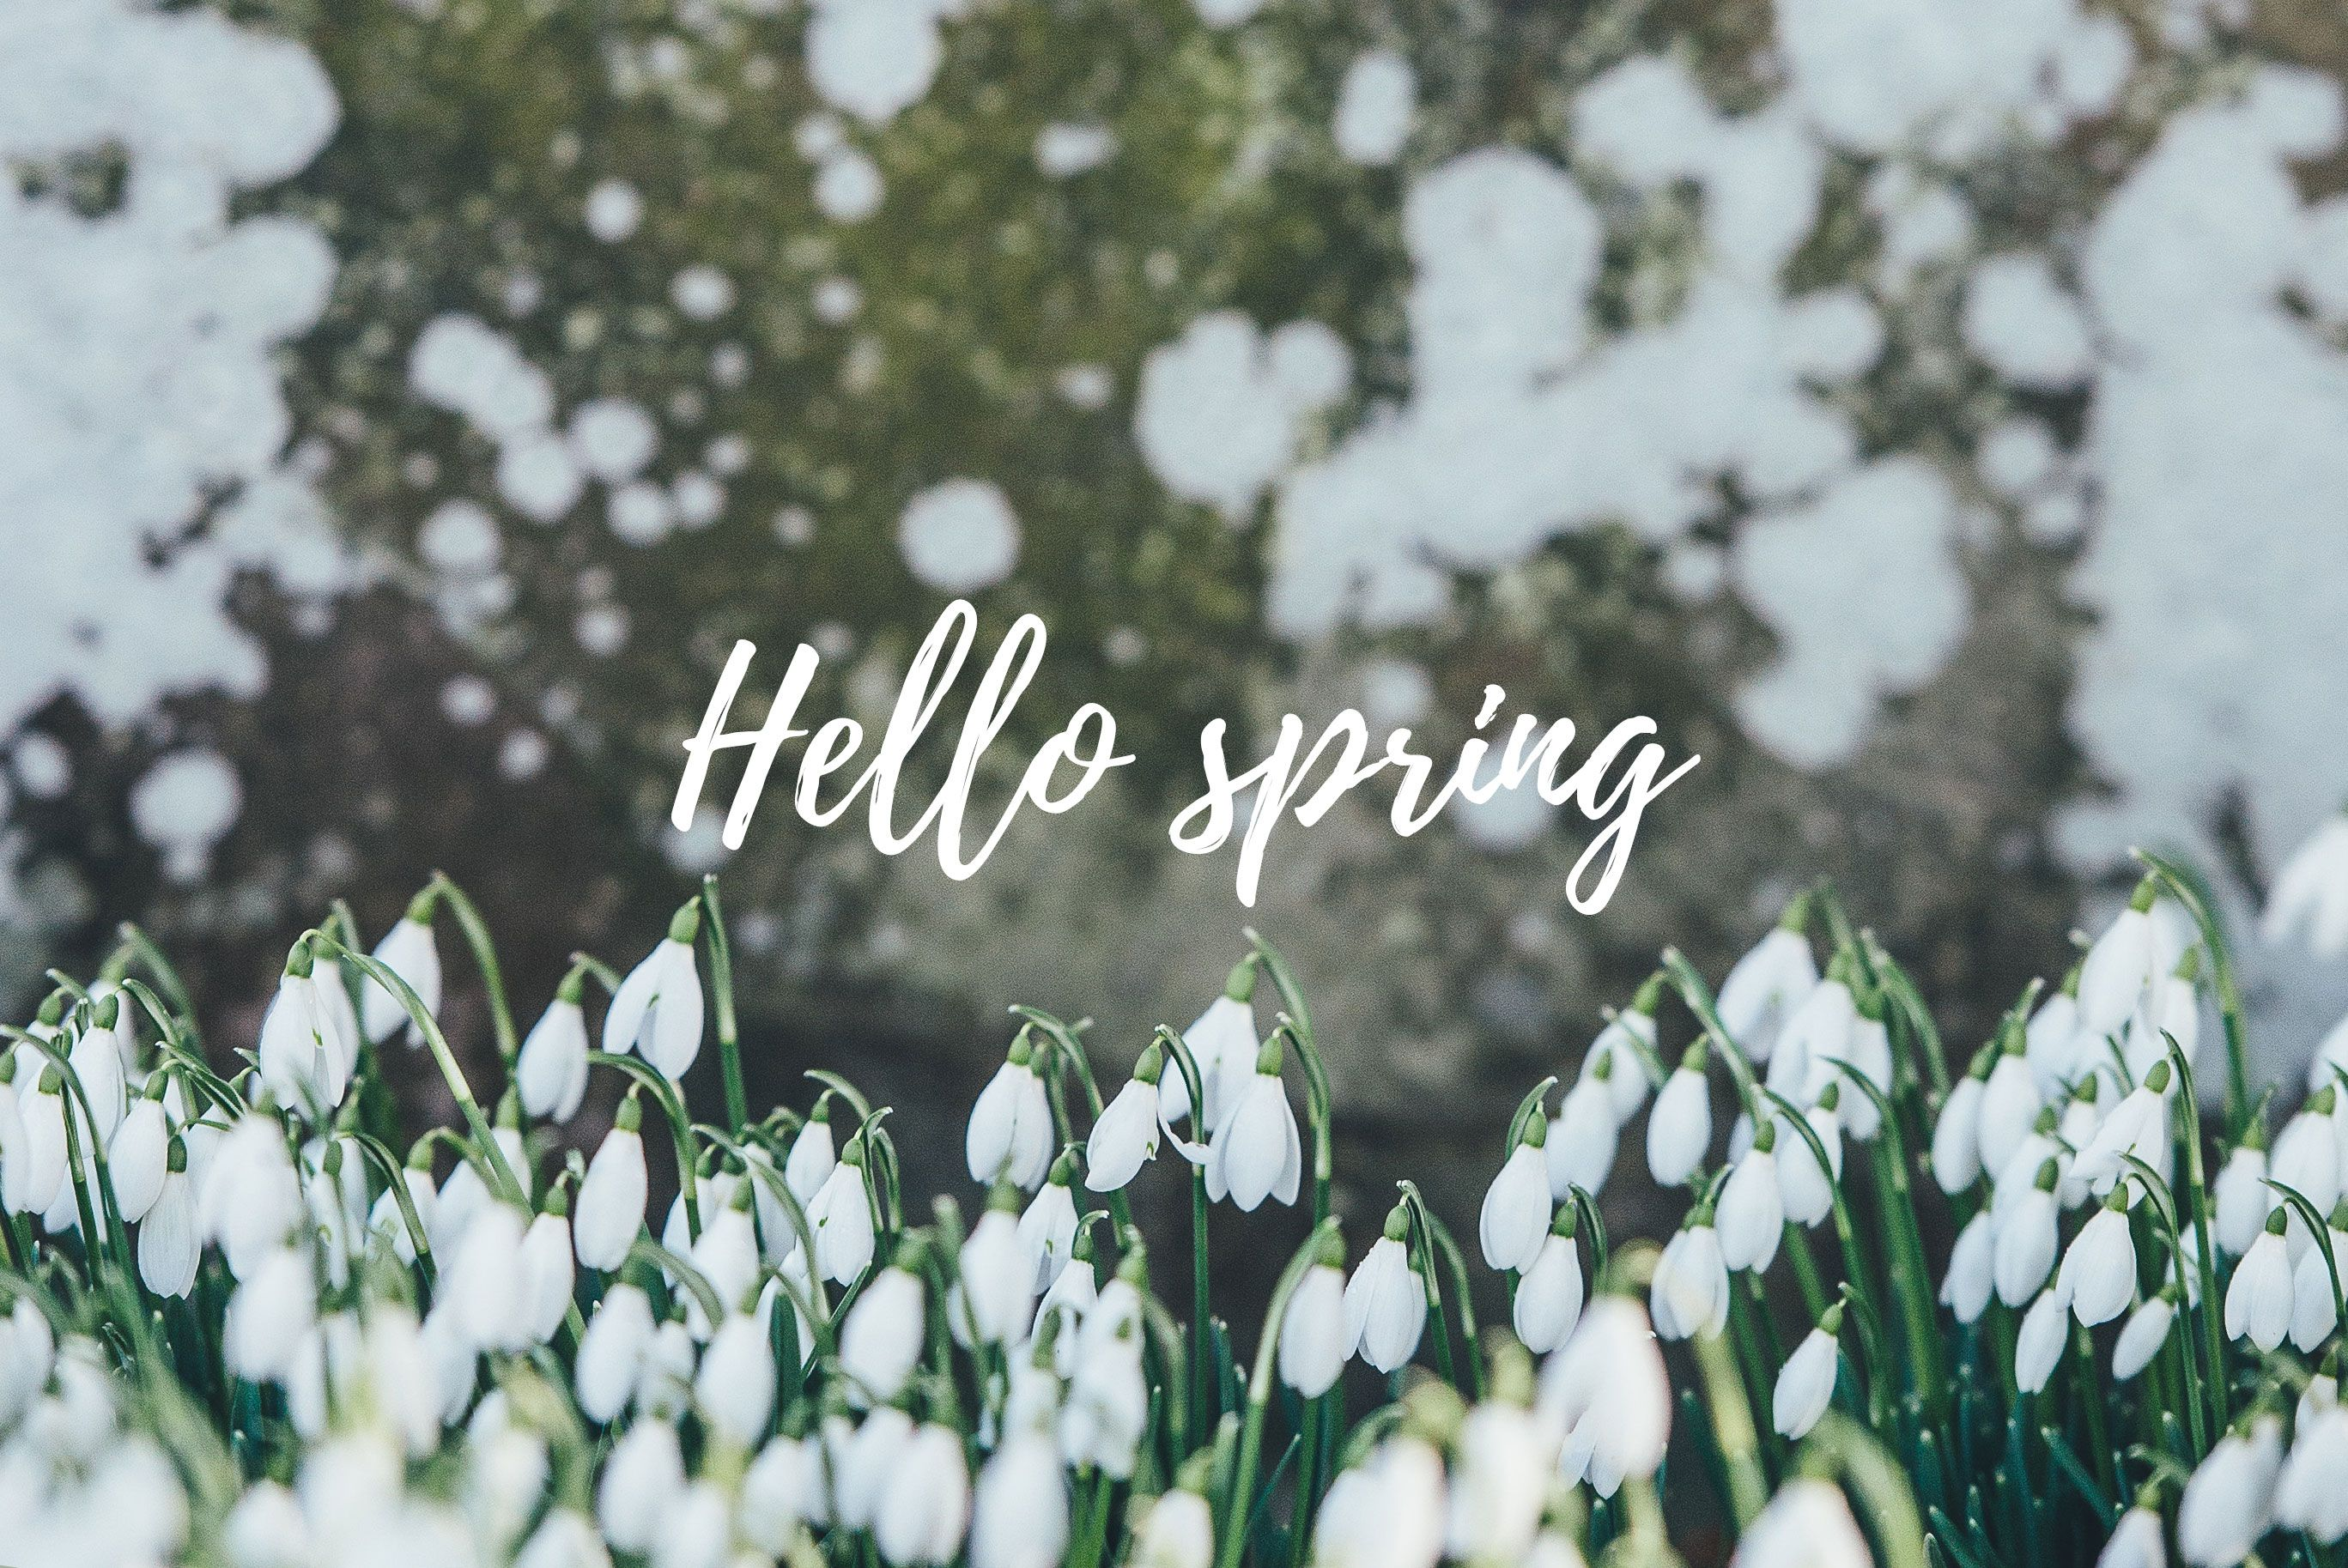 Free Spring Desktop Images Sonrisa Studio Spring Desktop Wallpaper Spring Wallpaper Computer Wallpaper Desktop Wallpapers